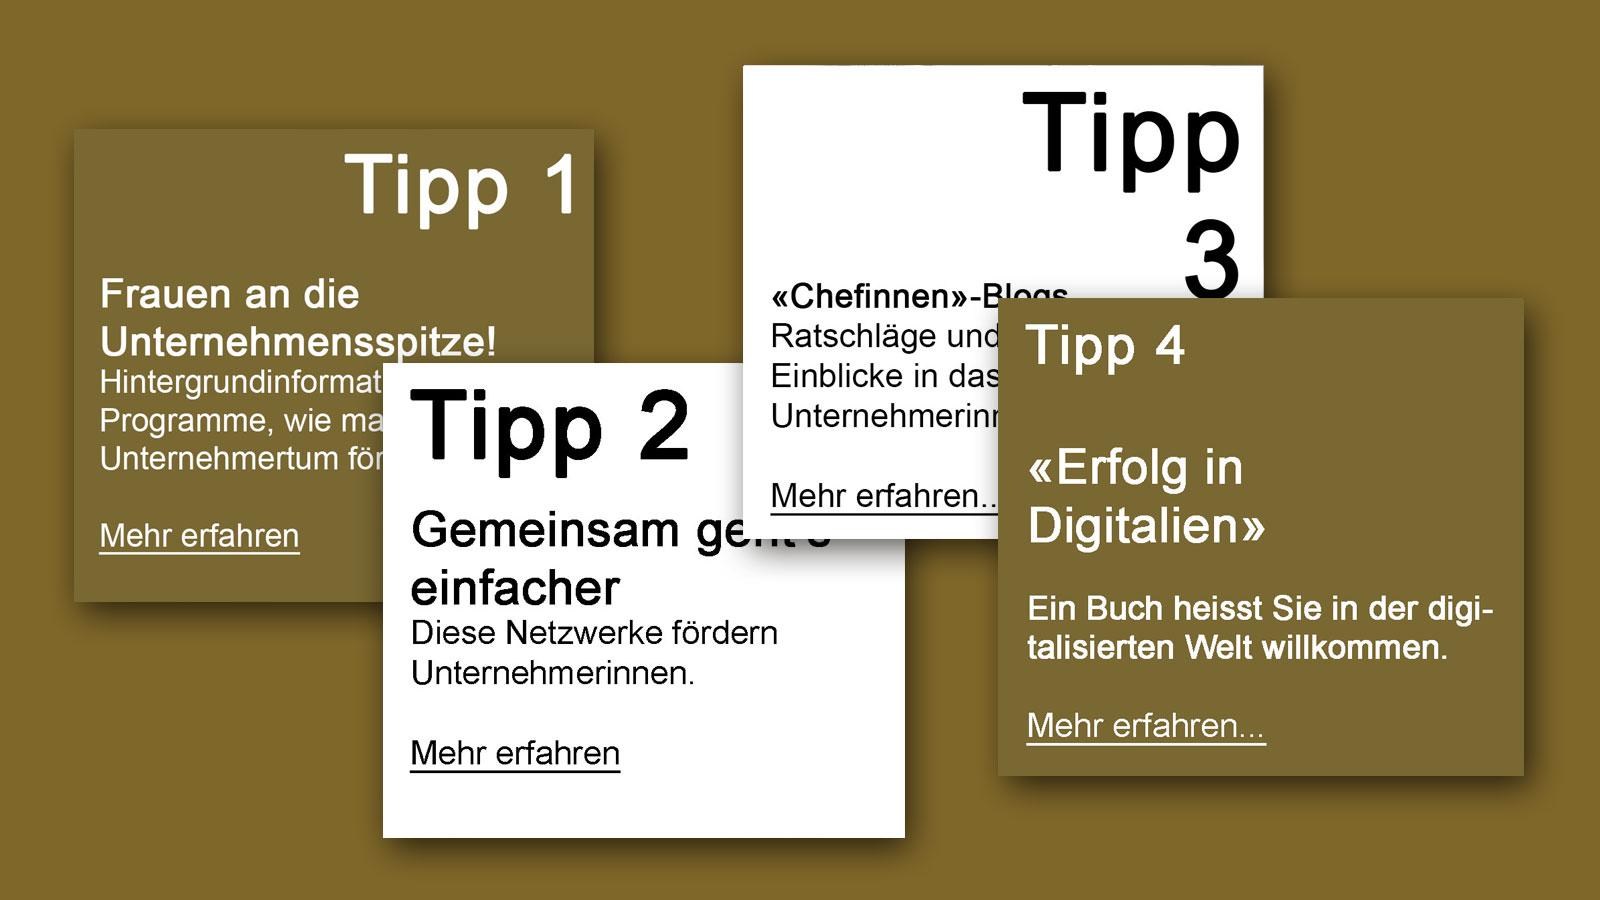 IN KÜRZE – Tipps zum Thema Frauenunternehmen